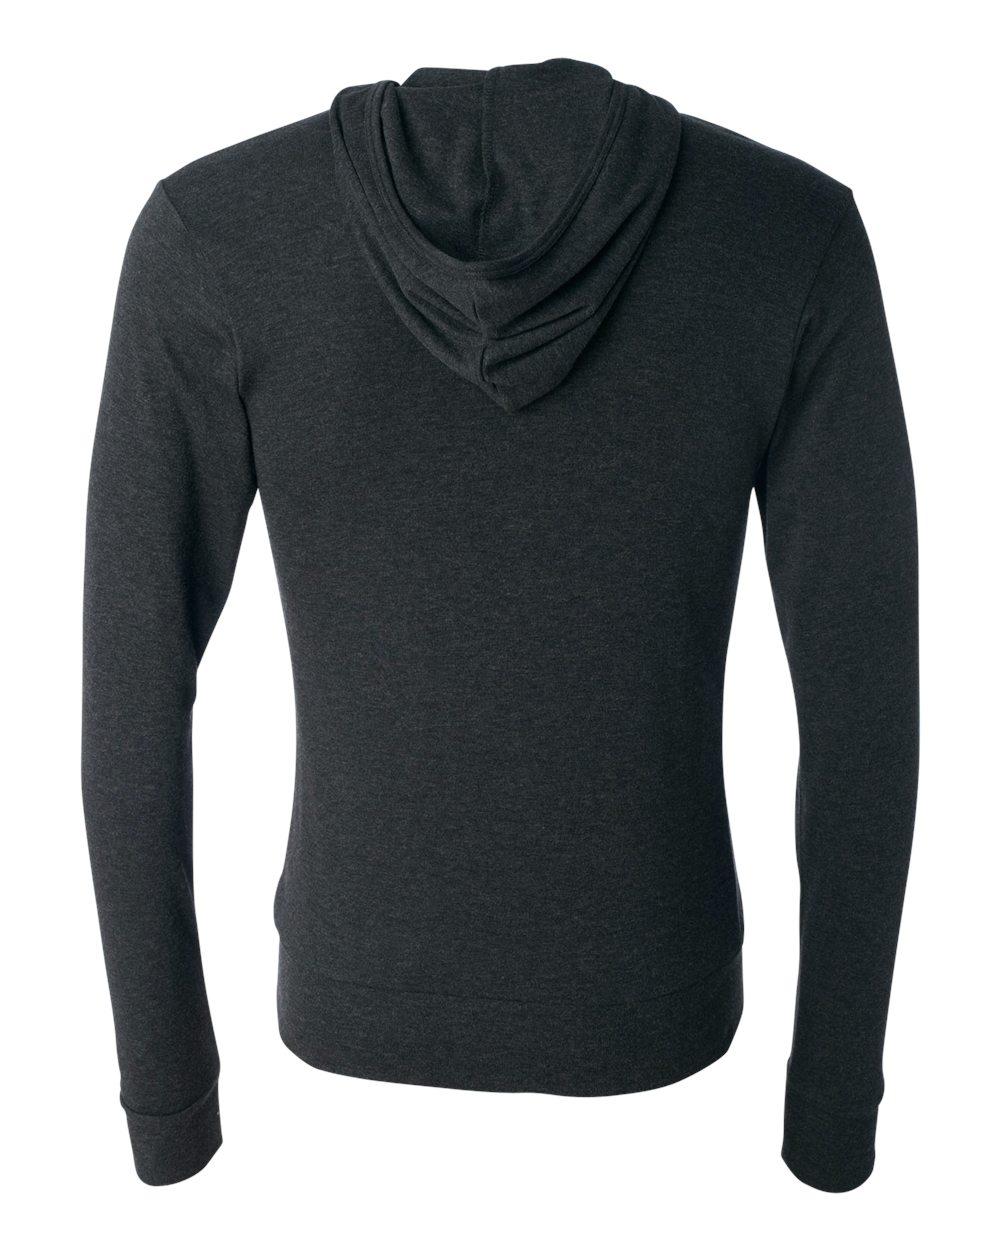 Bella-Canvas-Unisex-Triblend-Lightweight-Hooded-Full-Zip-T-Shirt-3939-upto-2XL thumbnail 10